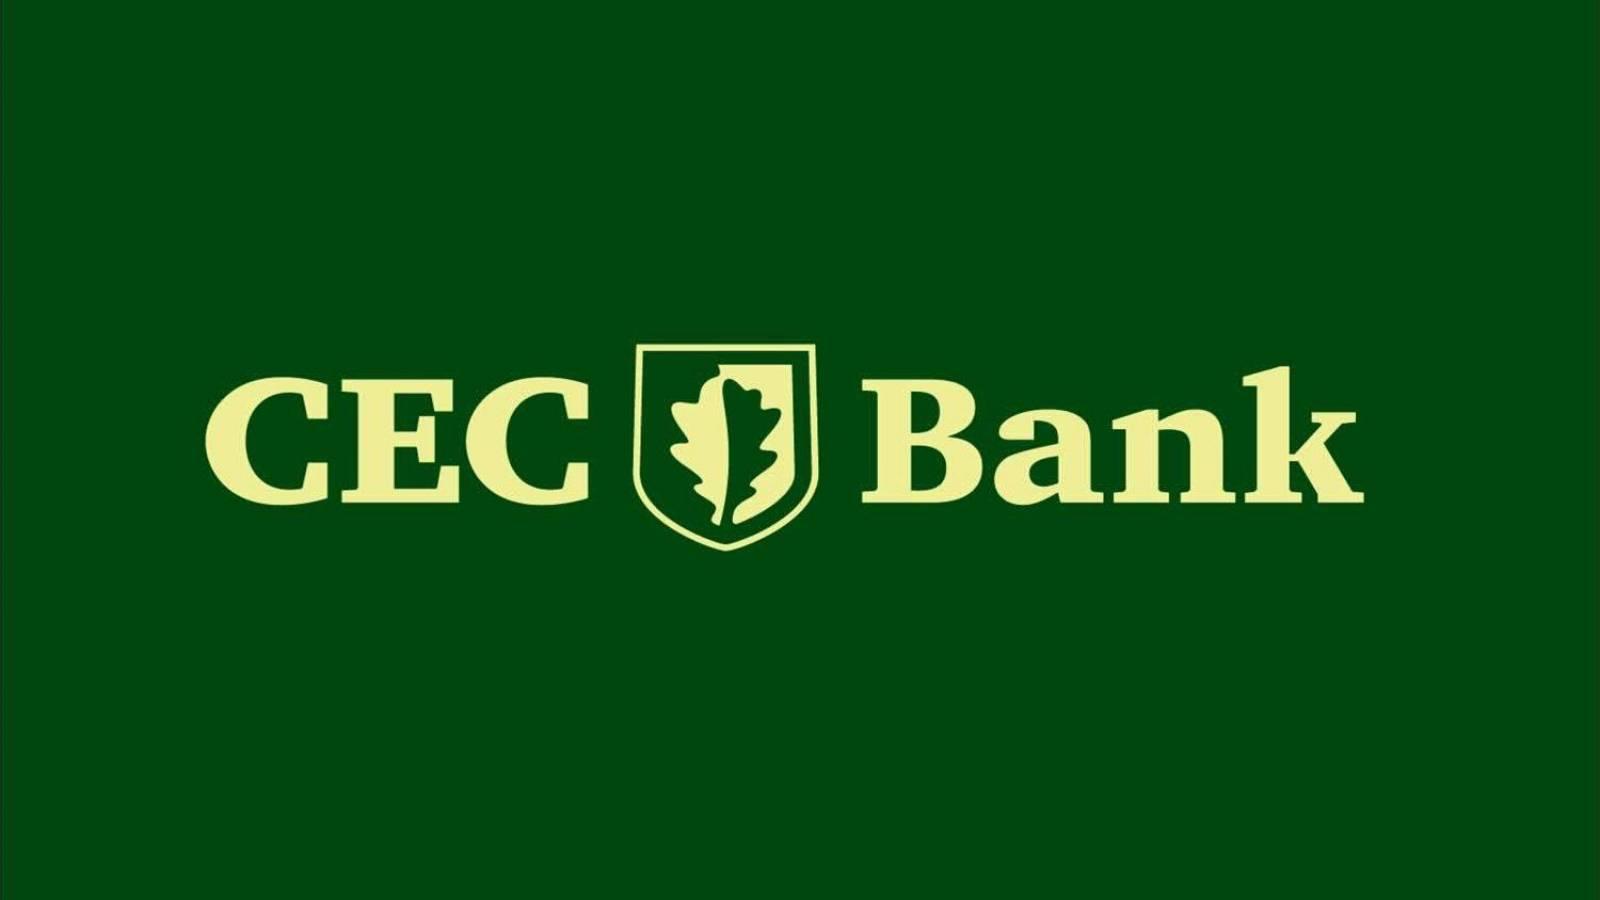 CEC Bank preferential